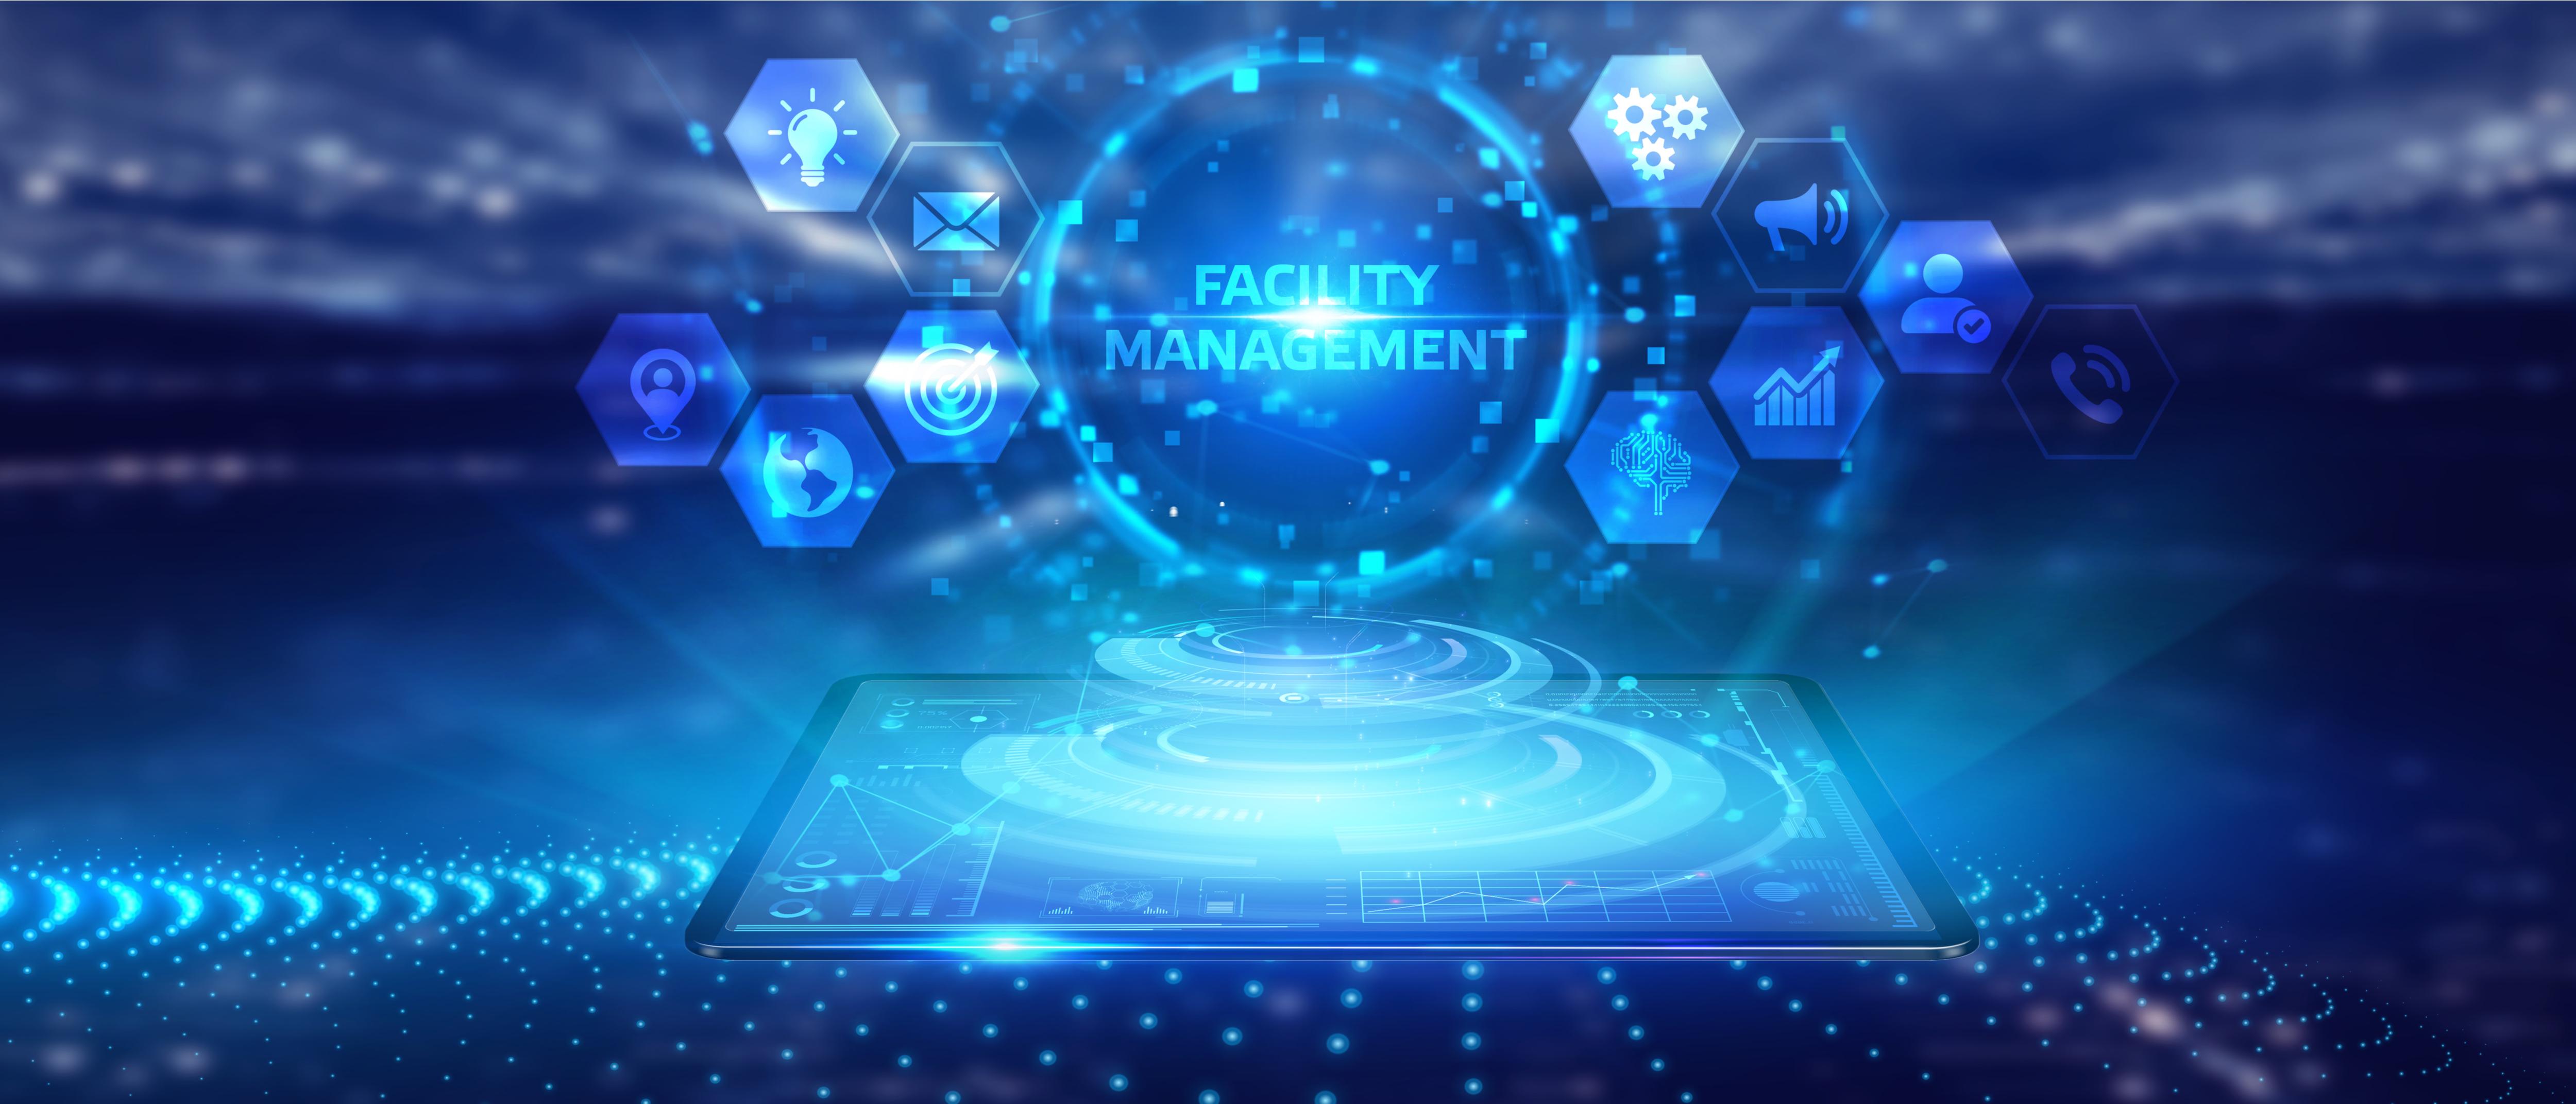 Facility management: definición y tendencias